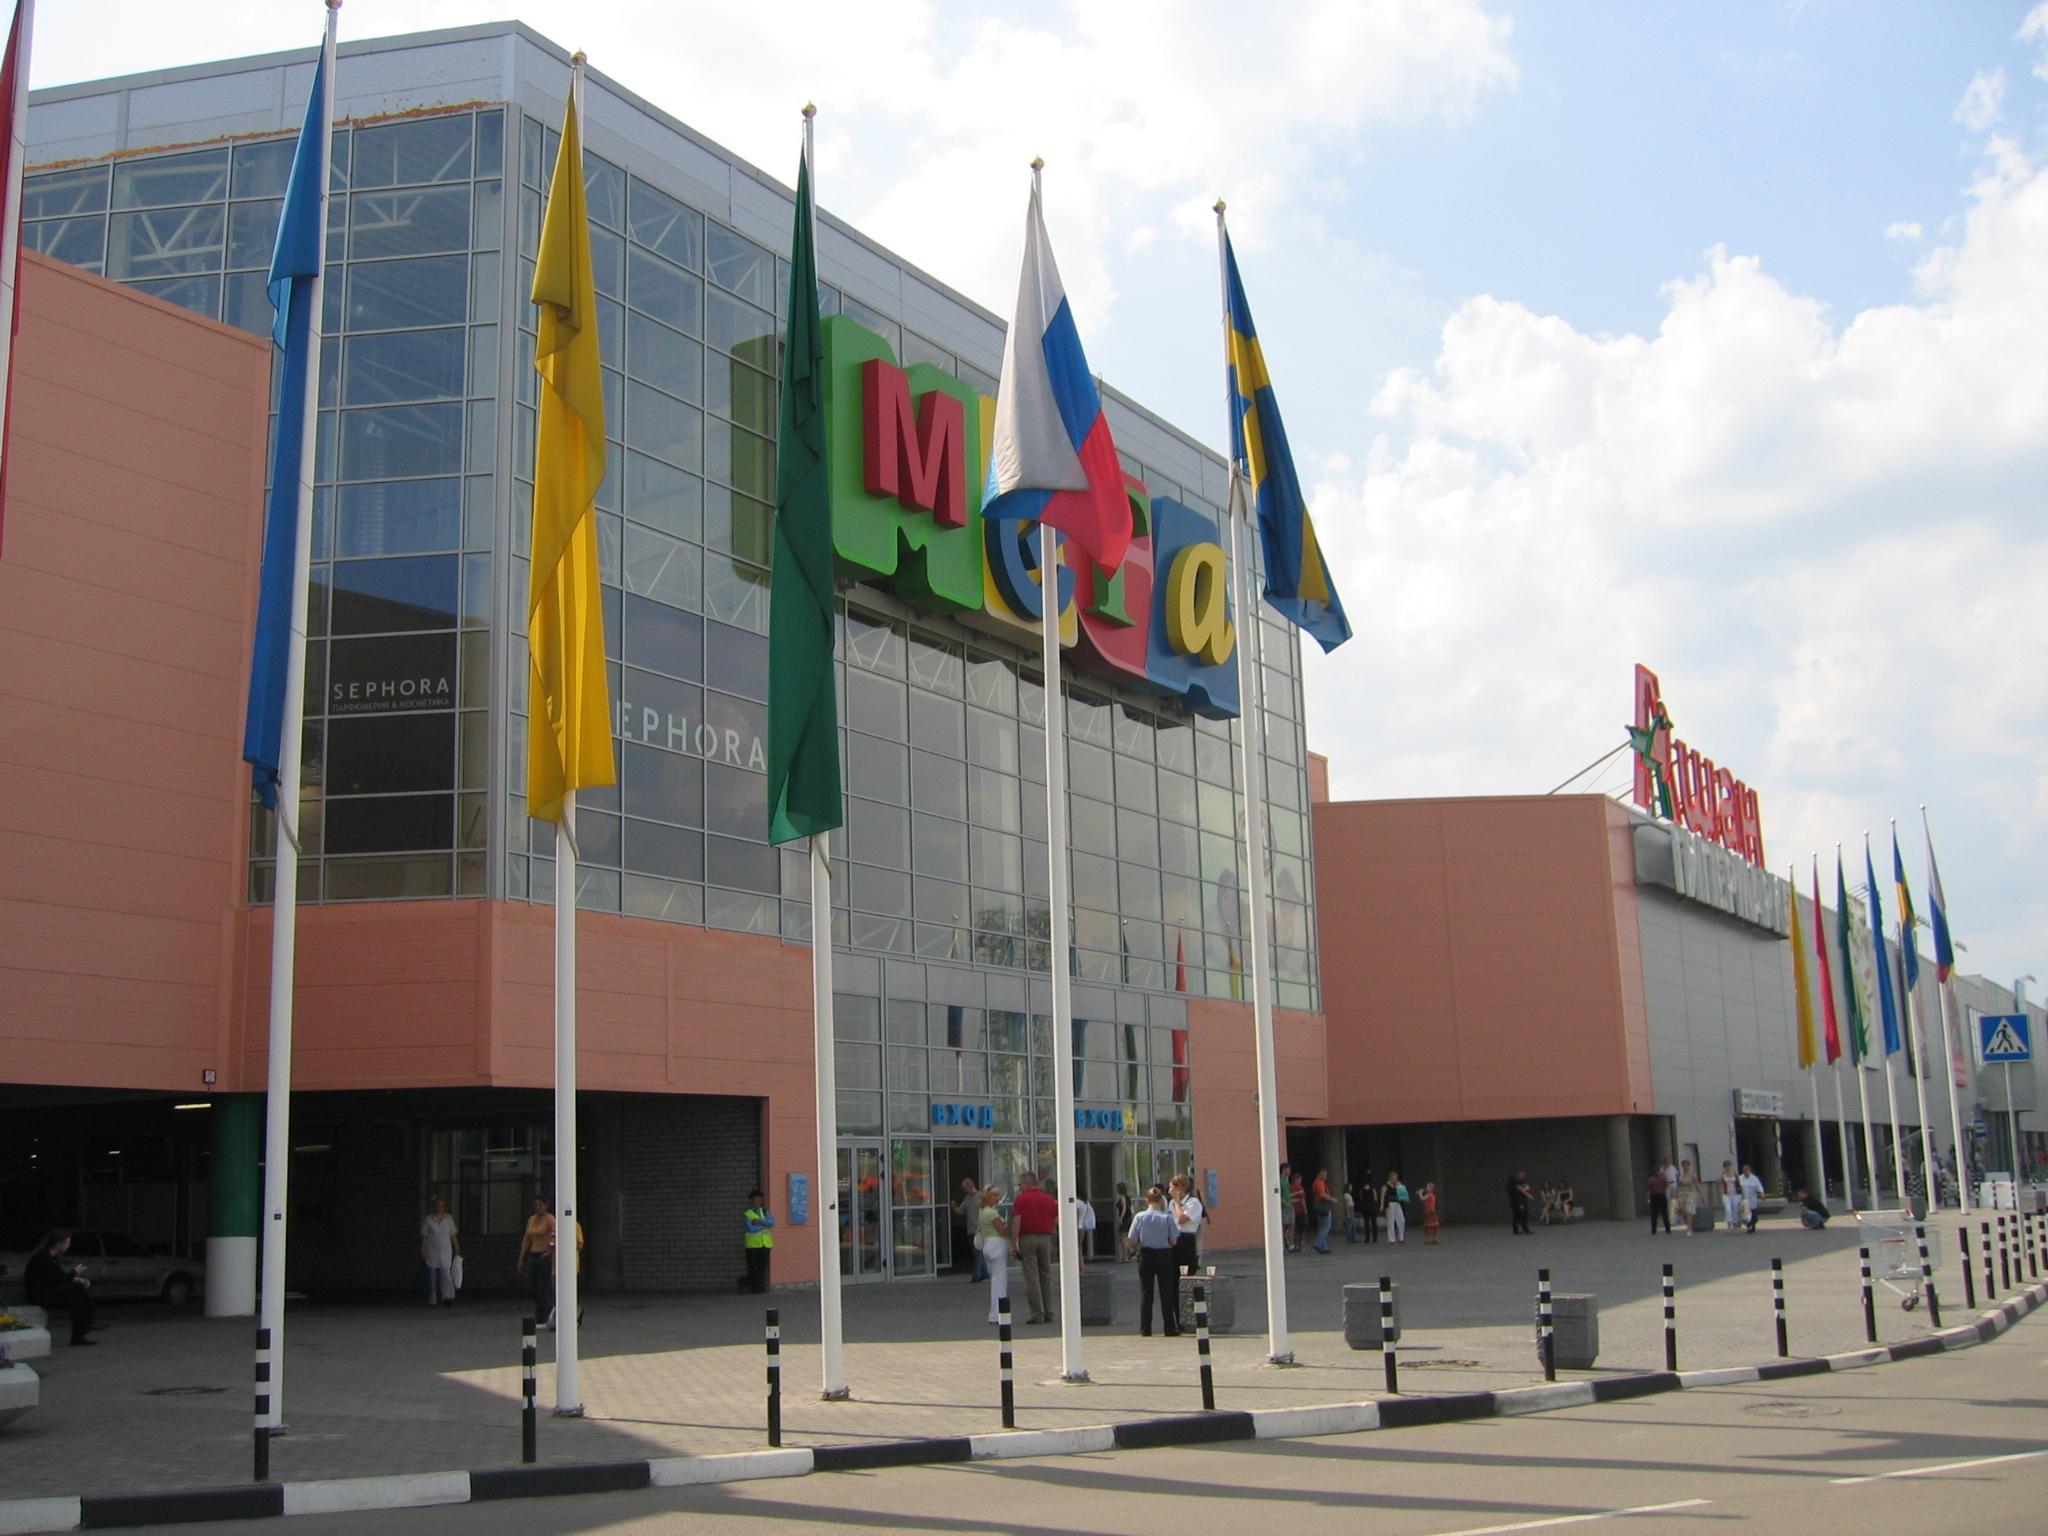 ВТЦ «Мега» закрыли три кинозала из-за сложностей ссигнализацией